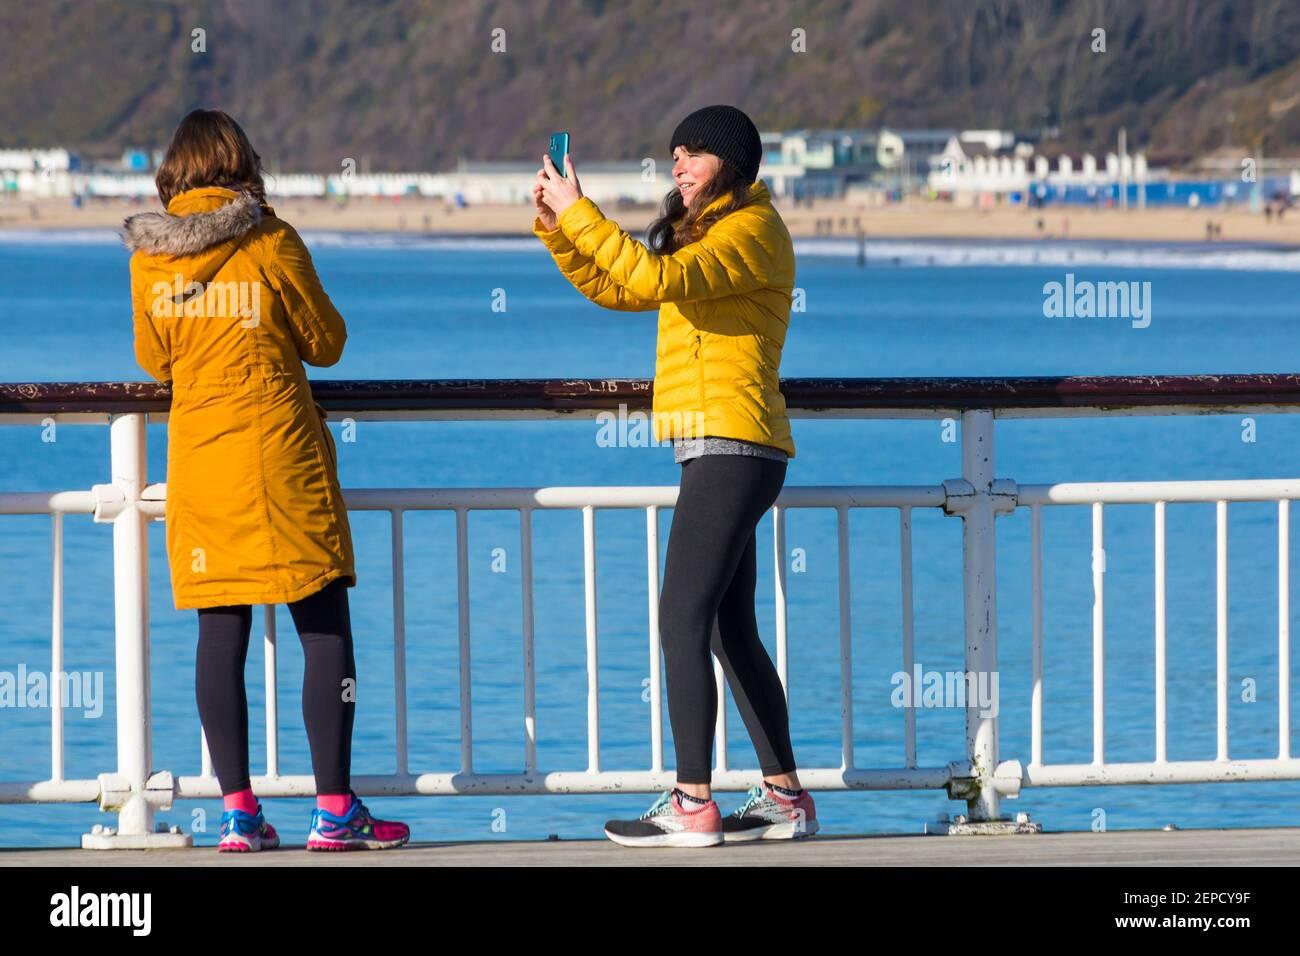 Bournemouth, Dorset, Royaume-Uni. 27 février 2021. Météo au Royaume-Uni : belle journée chaude et ensoleillée avec un ciel bleu et un soleil ininterrompus sur les plages de Bournemouth pendant que les gens se dirigent vers le bord de mer pour leur exercice quotidien pendant le Lockdown 3. Crédit : Carolyn Jenkins/Alay Live News Banque D'Images